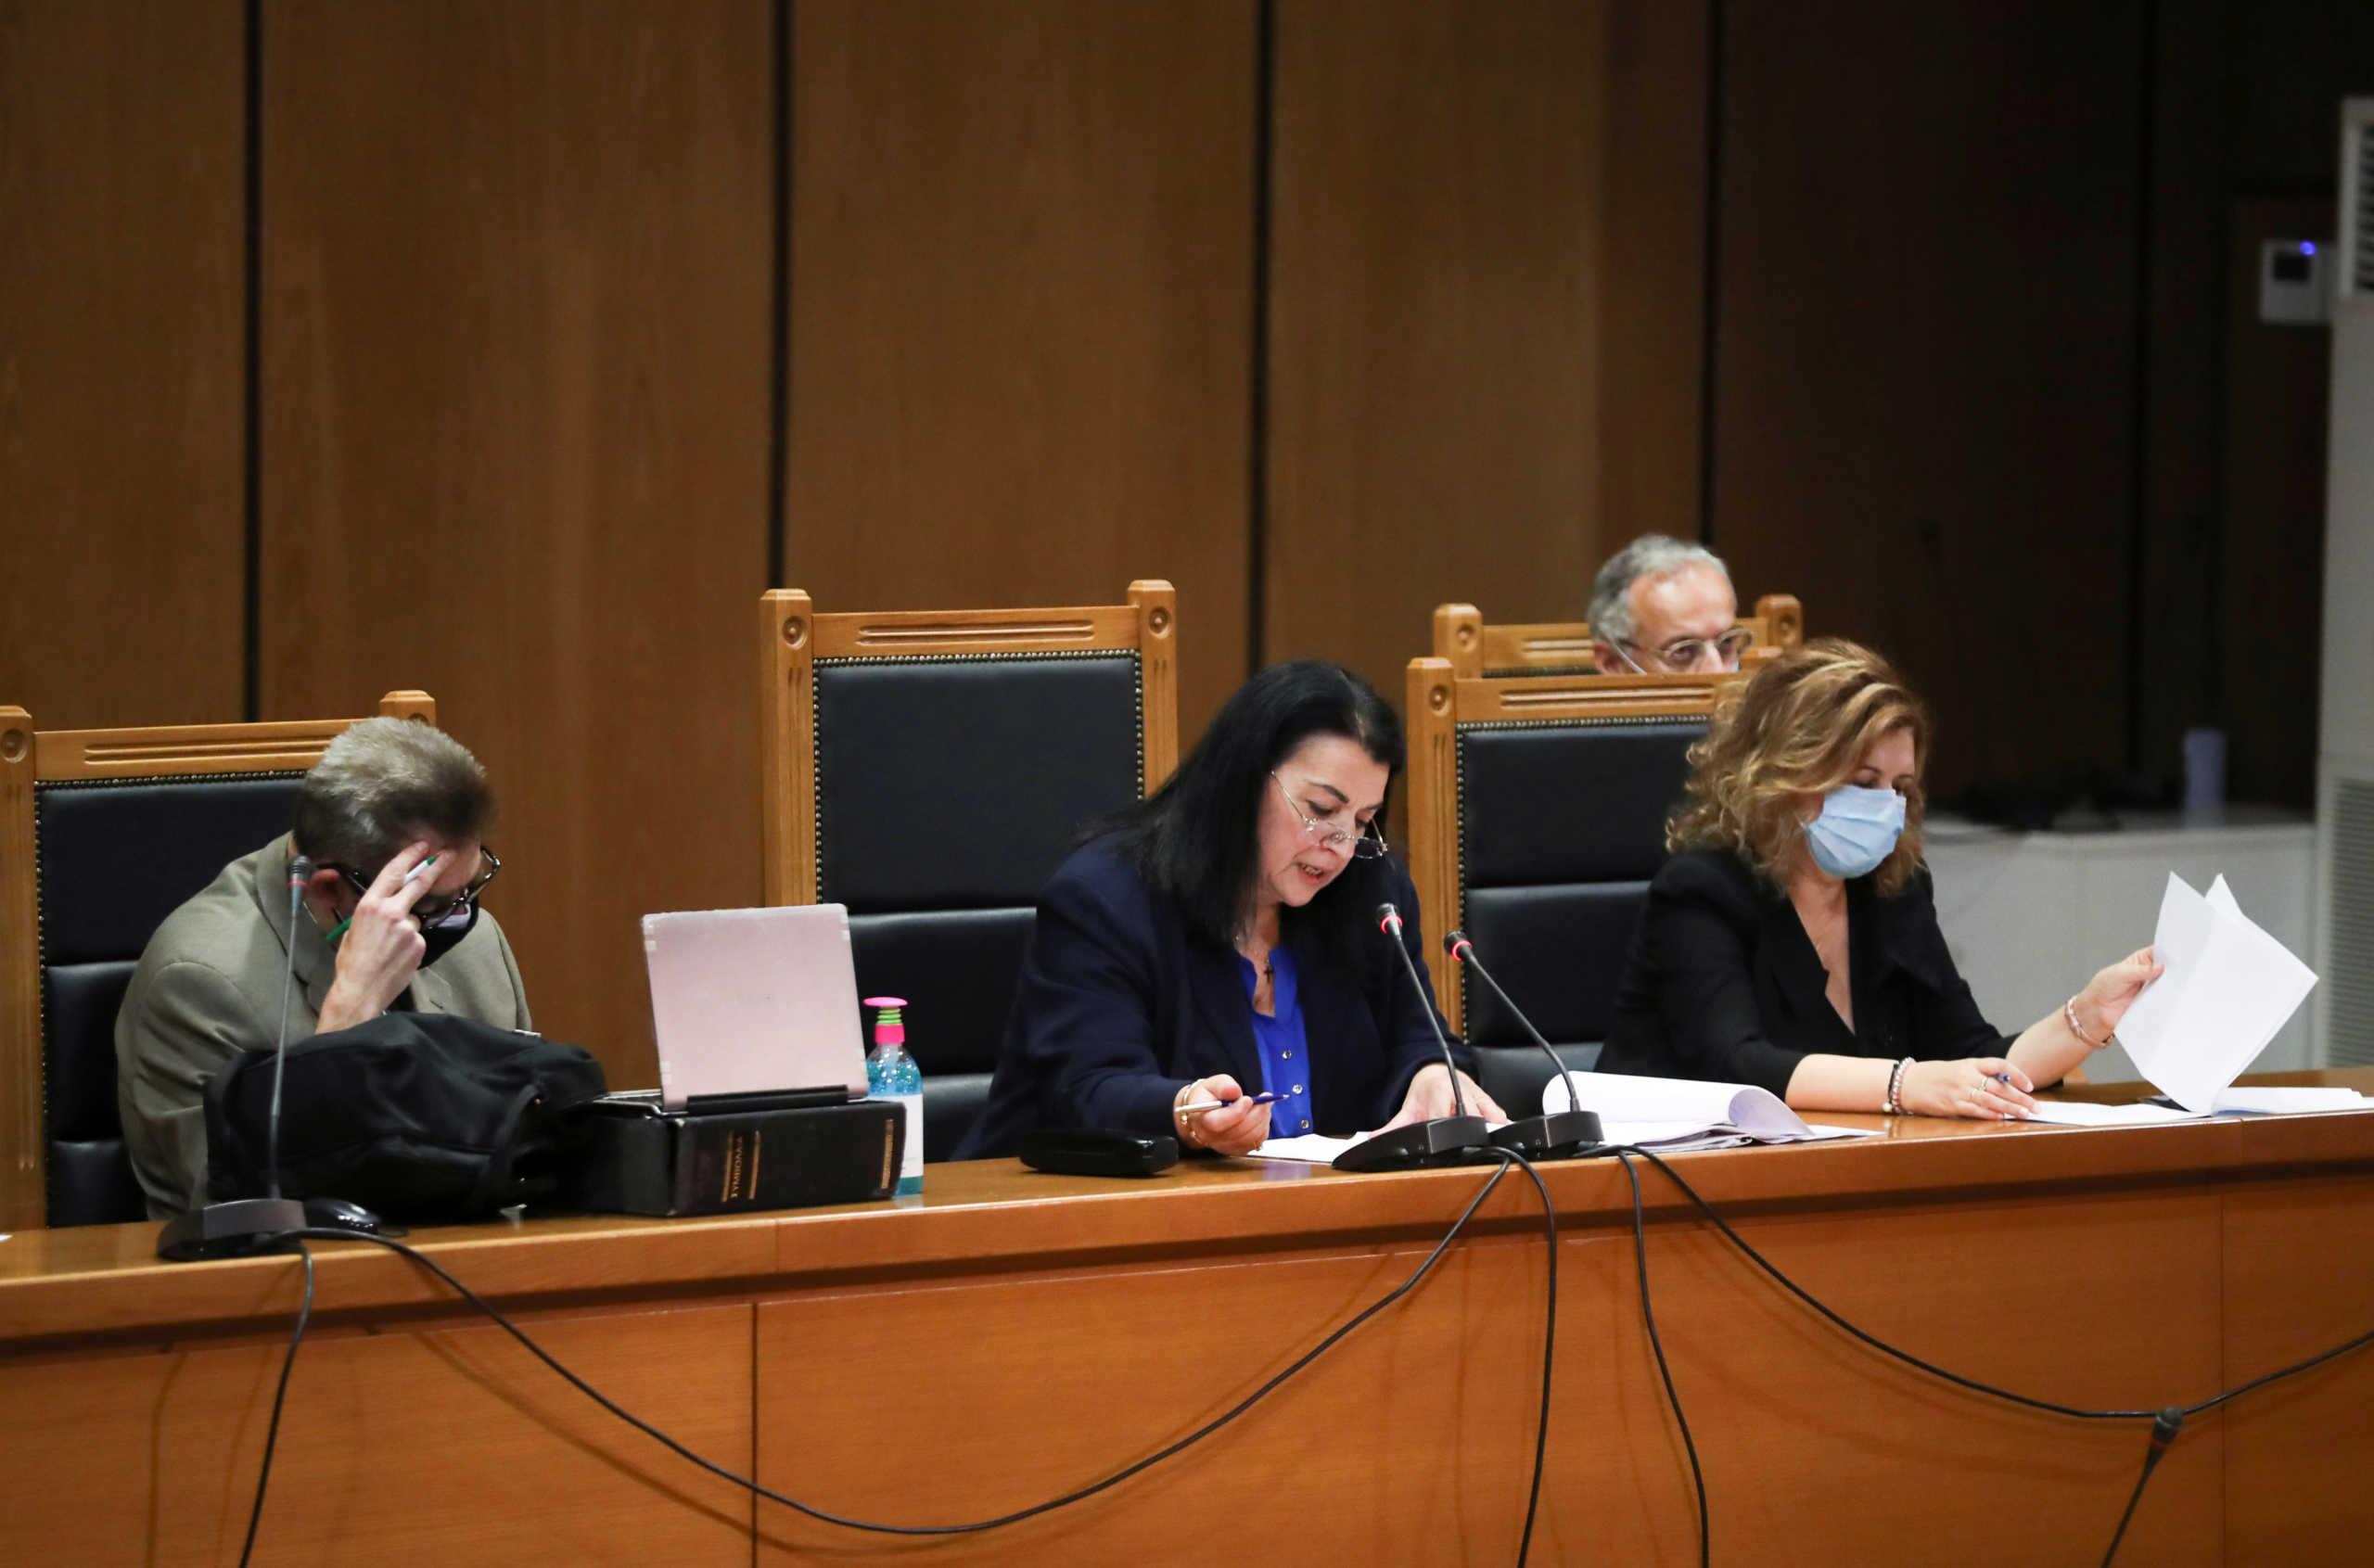 Δίκη Χρυσής Αυγής: Οι ποινές, τα ελαφρυντικά και η αναστολή που θα κρίνει ποιοι θα οδηγηθούν στη φυλακή